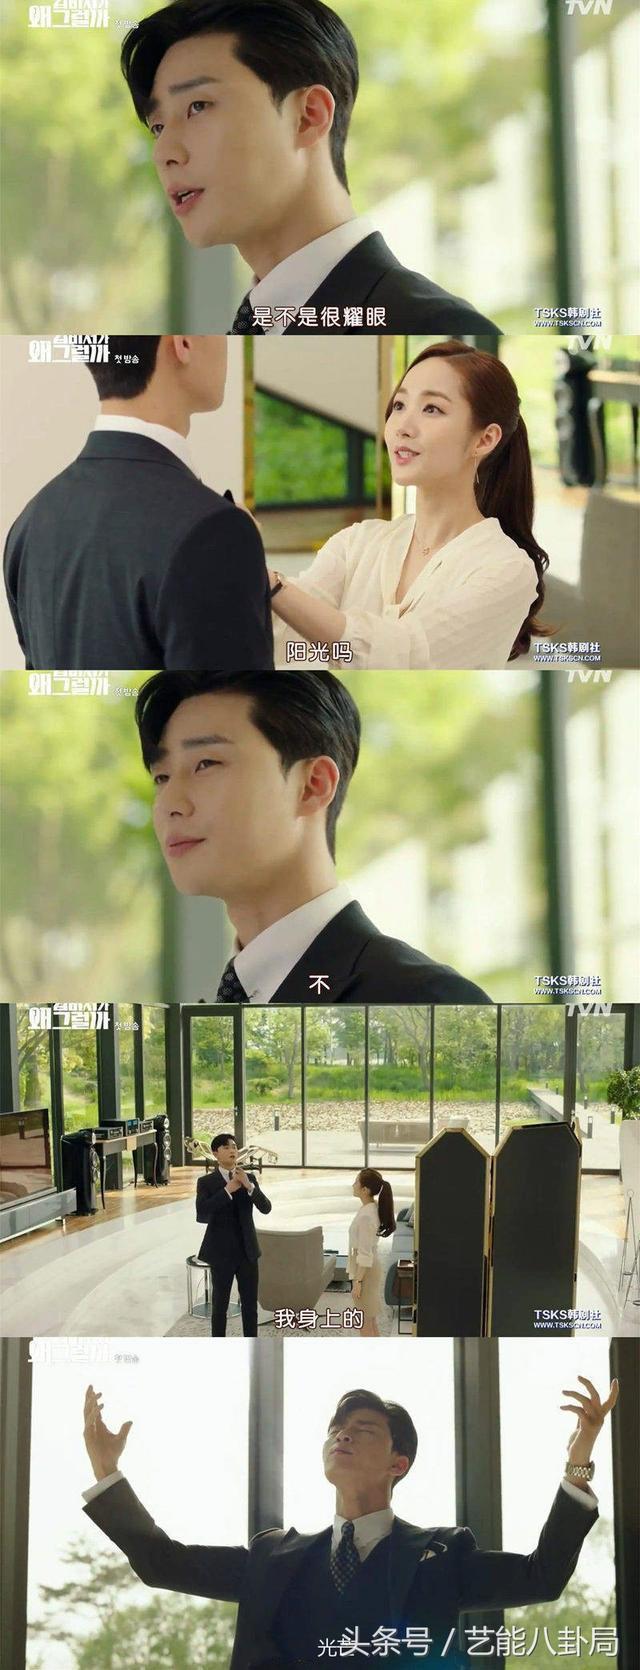 这部9.0的高分韩剧,实力演绎了什么叫脸上笑眯眯,心里呵呵呵!